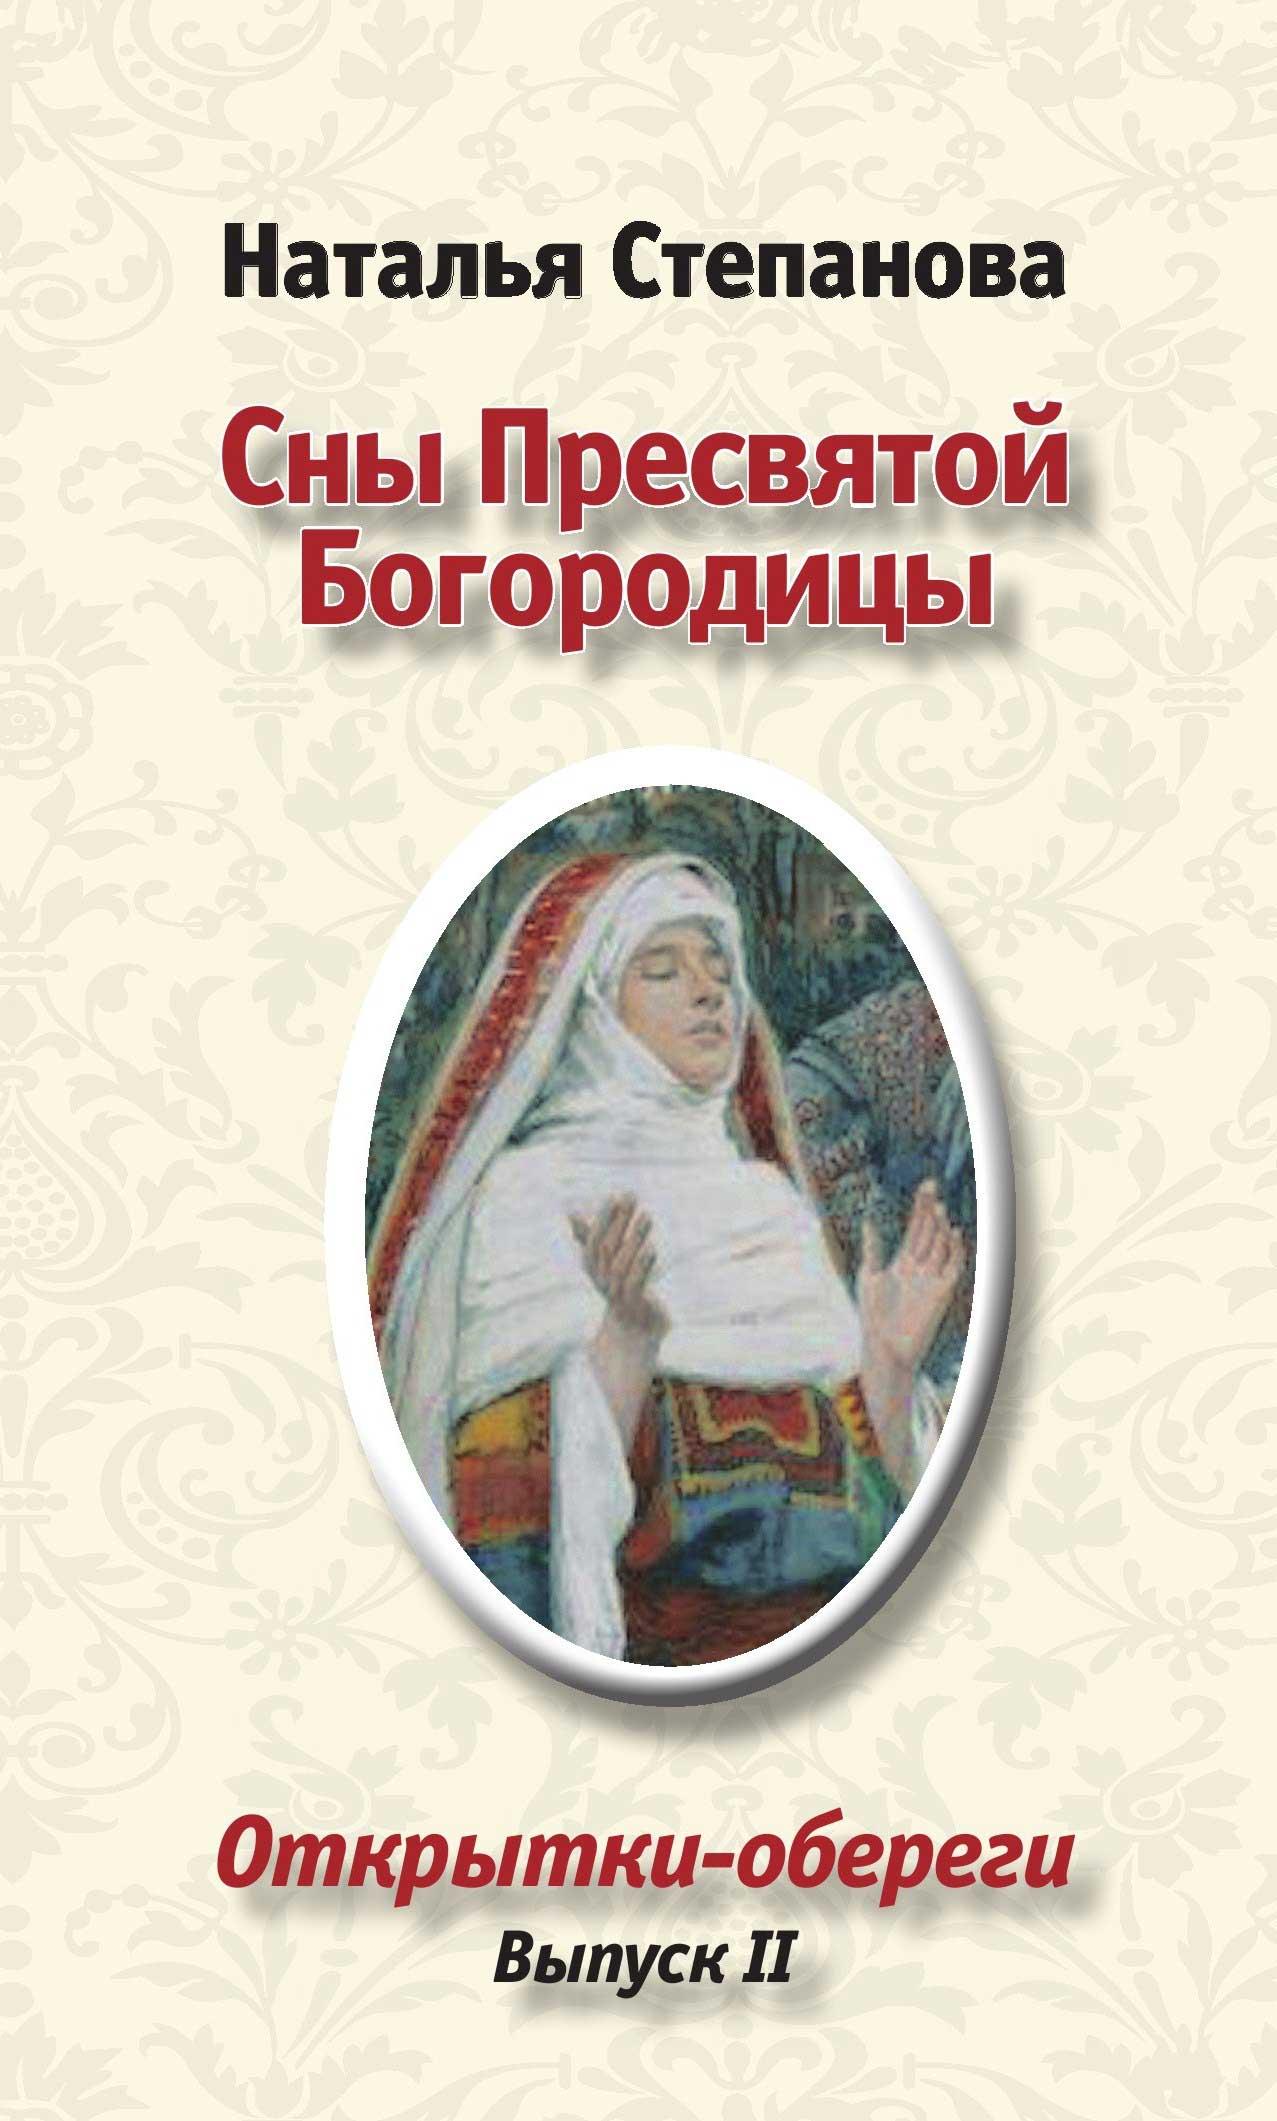 Наталья Степанова: Сны пресвятой Богородицы